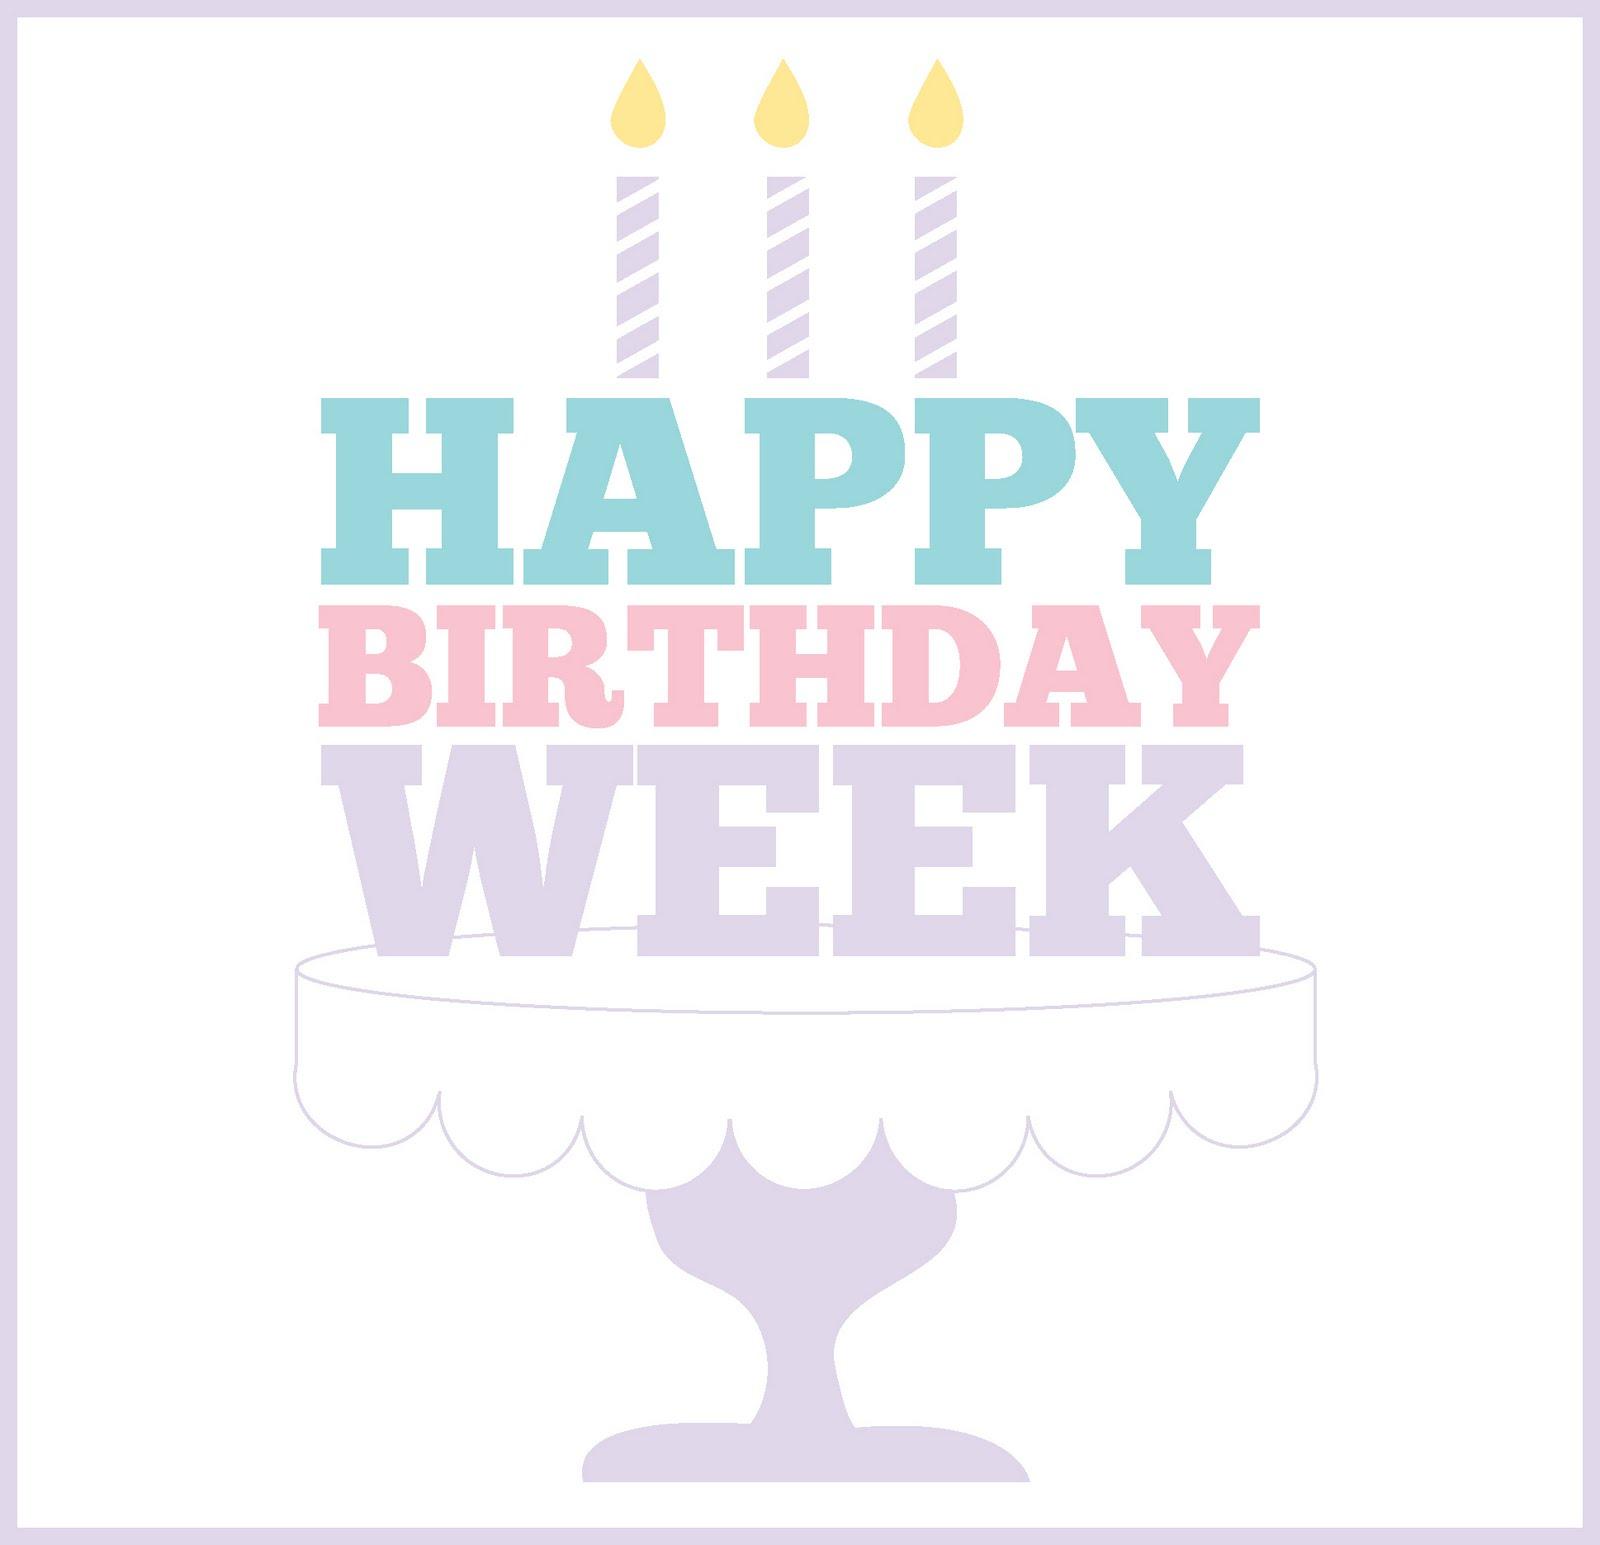 http://4.bp.blogspot.com/-wg0d48uVfxs/Thjqcm98tCI/AAAAAAAAHRA/013h4XnAJGc/s1600/HAPPY+BIRTHDAY+WEEK..jpg